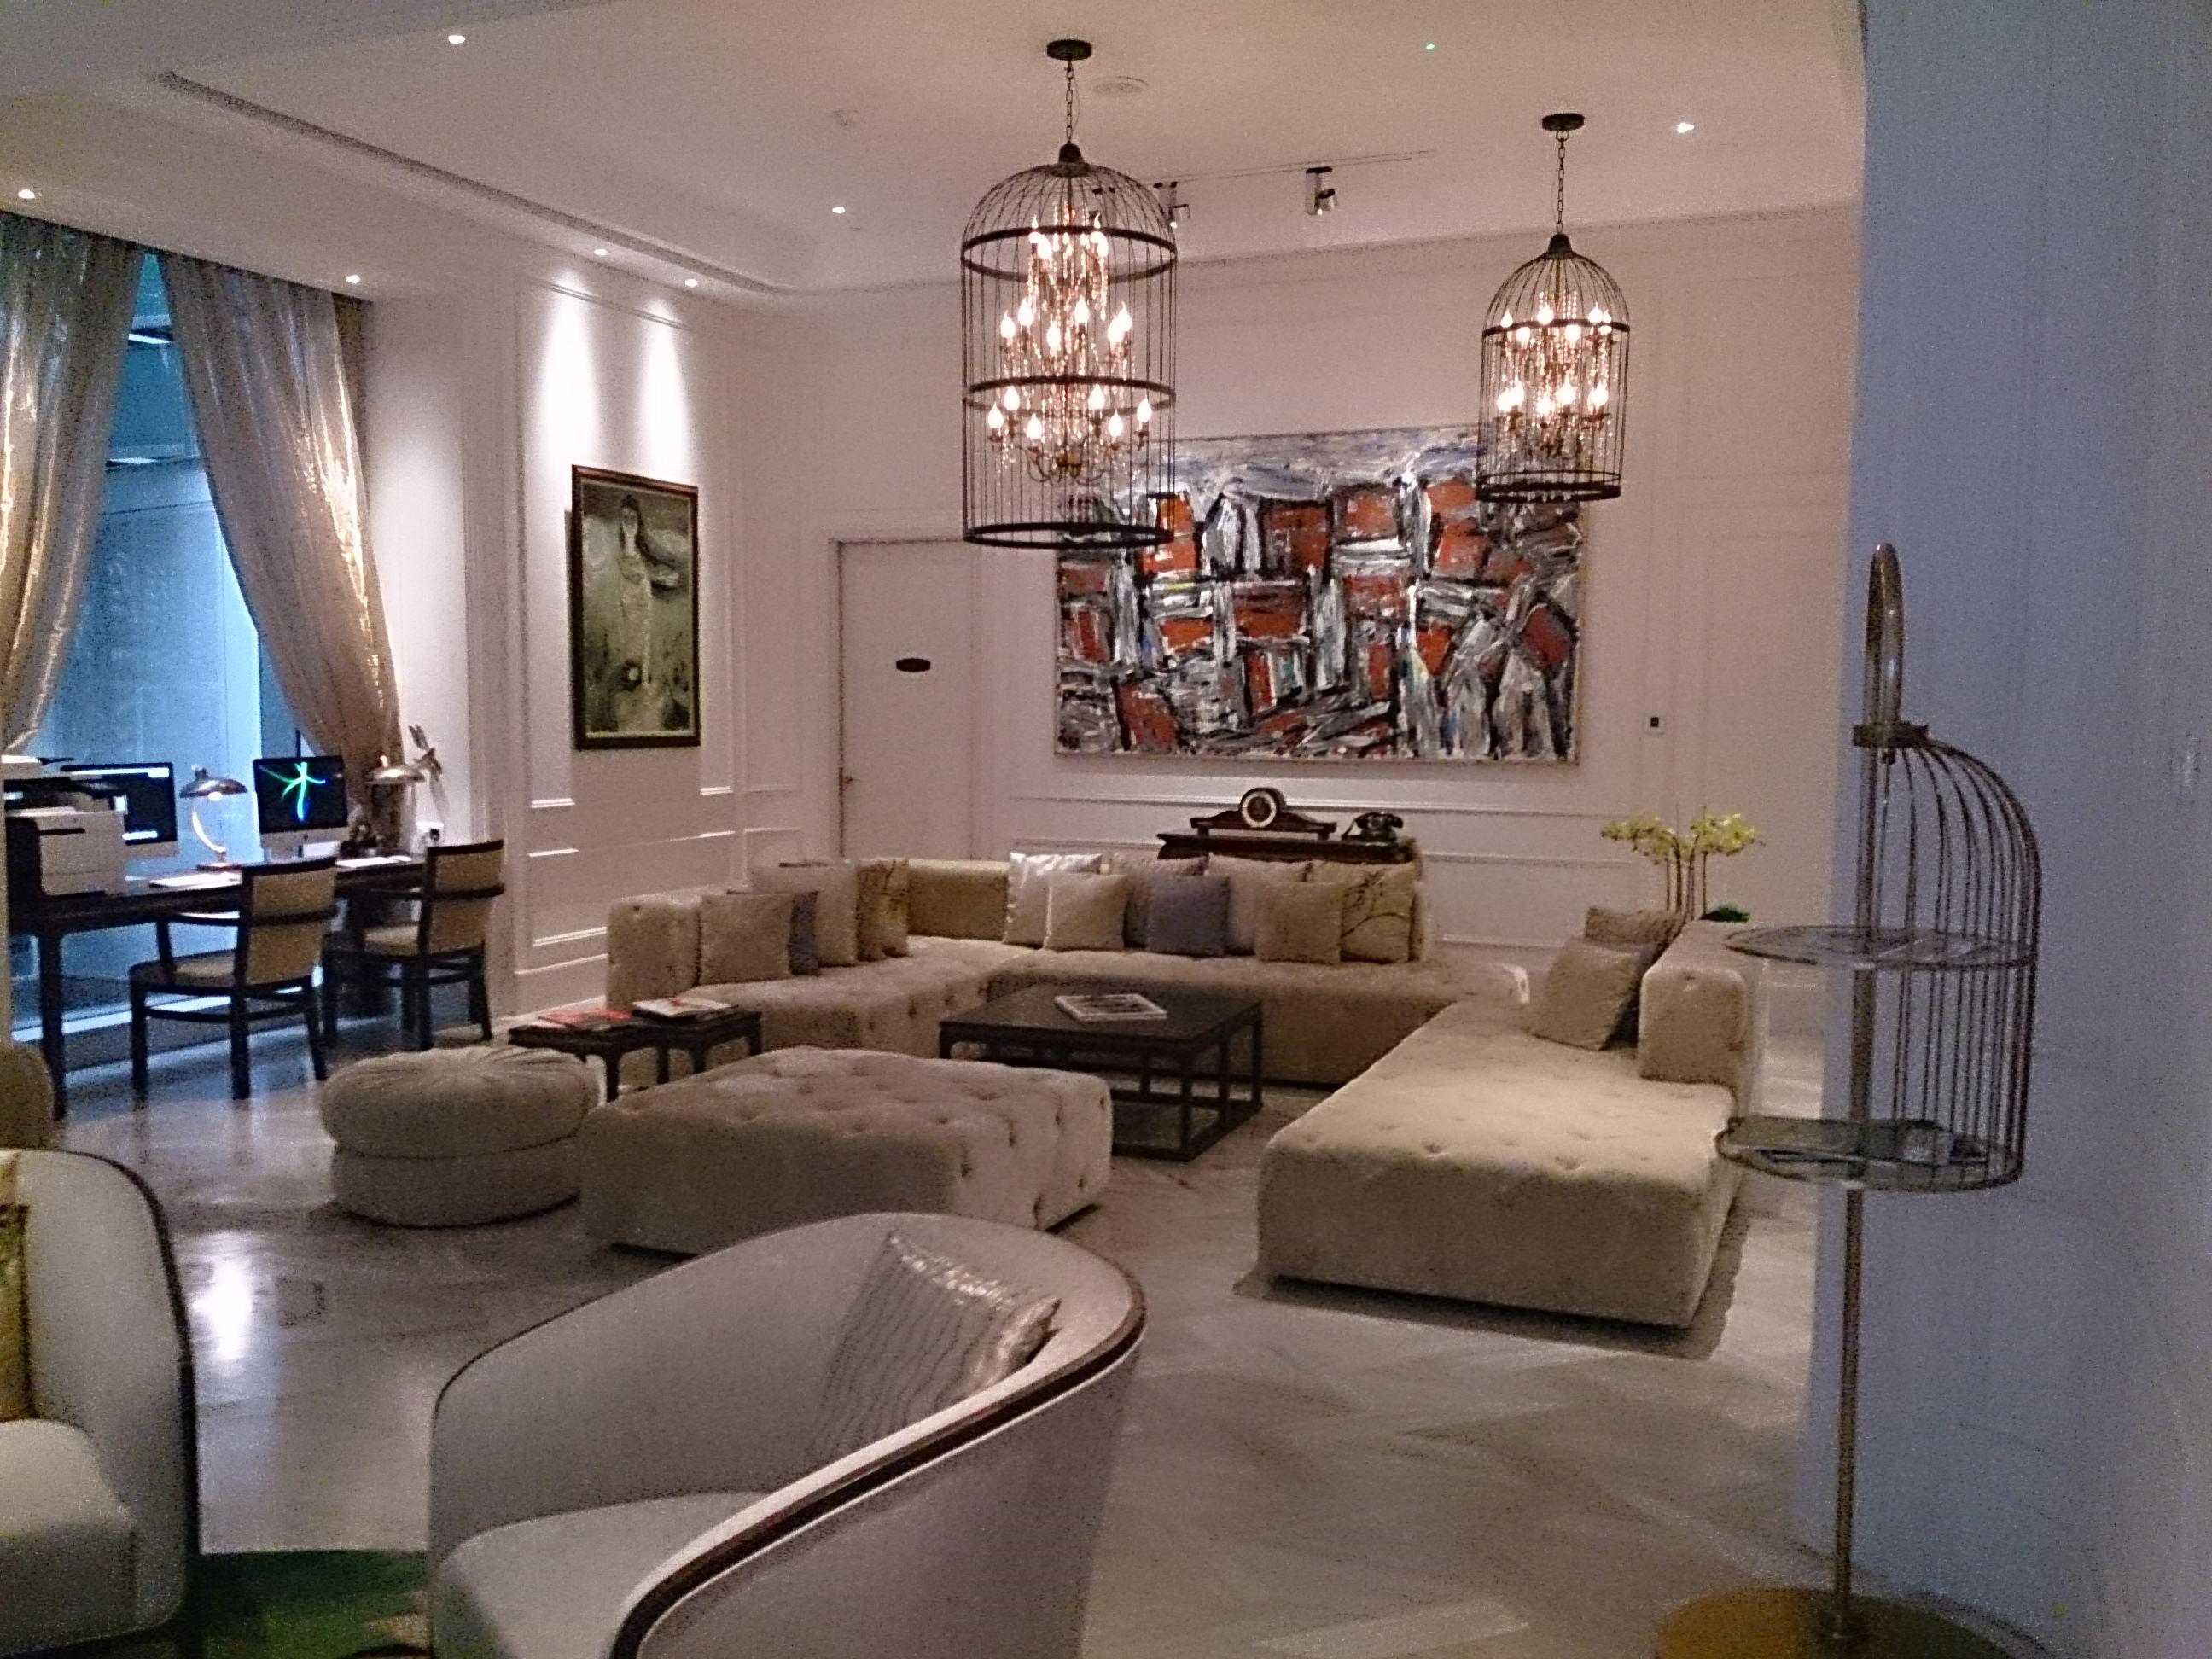 ホテル・デ・ザール・サイゴン Mギャラリー 宿泊記